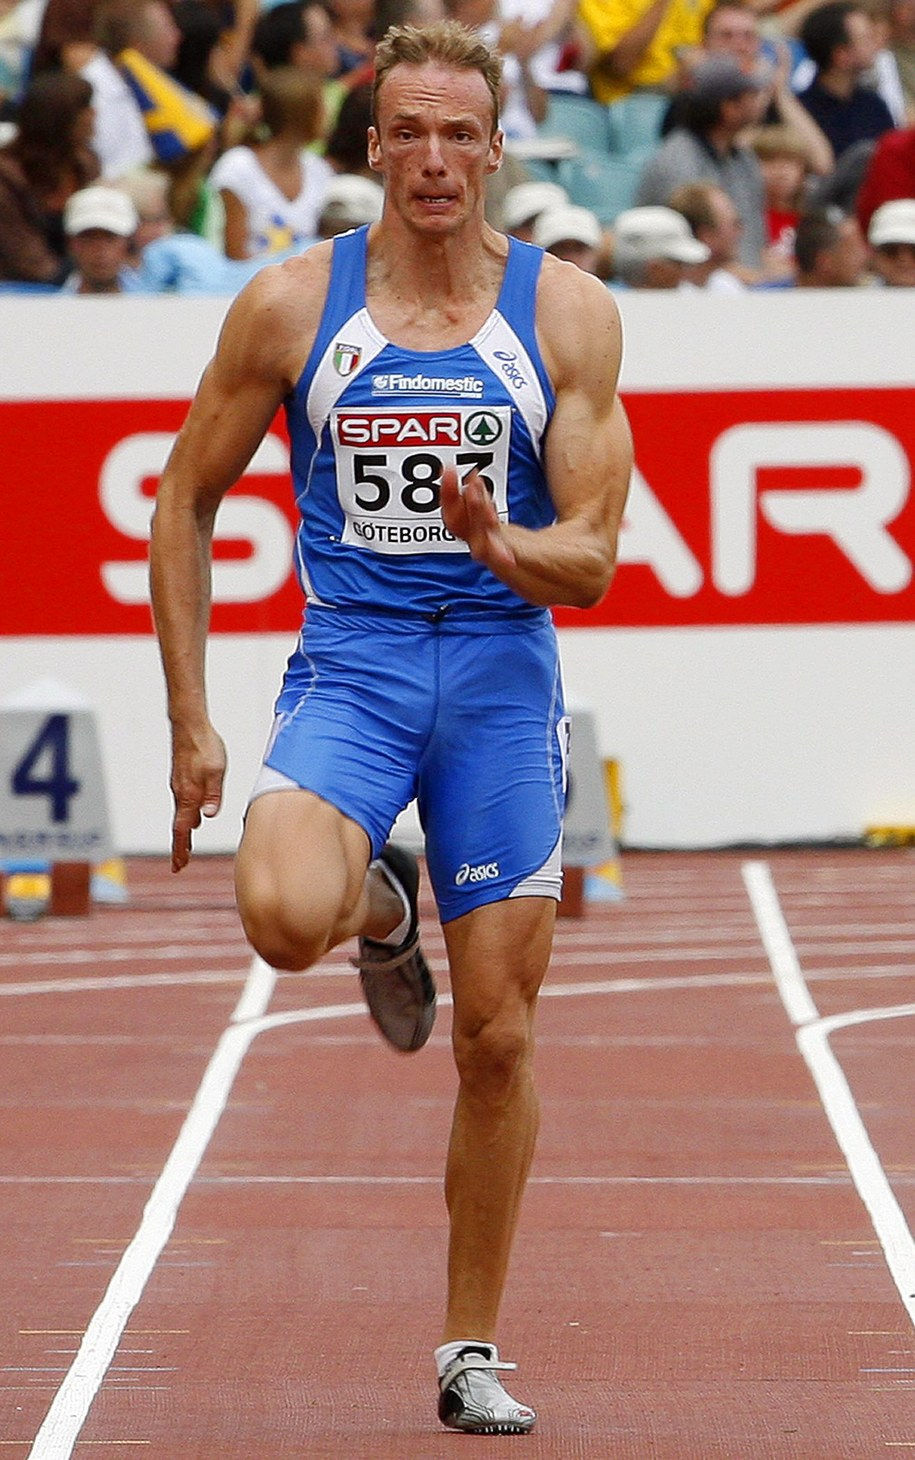 William Frullani trenował również dziesięciobój. Na zdjęciu: podczas zawodów w szwedzkim Goeteborgu w sierpniu 2006 roku /KERIM OKTEN /PAP/EPA